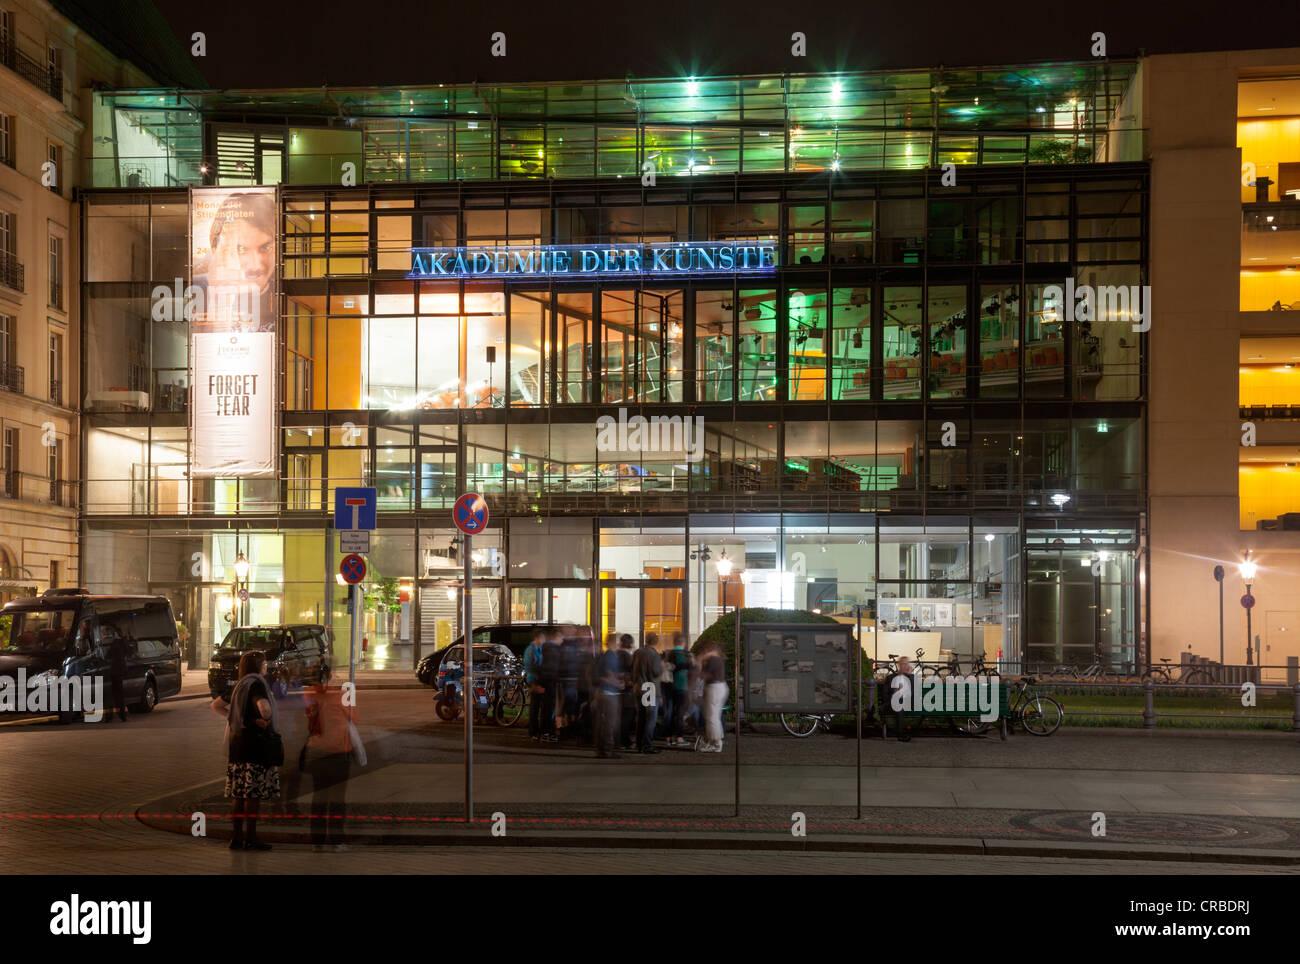 Akademie der Künste, Pariser Platz, Berlin, Germany - Stock Image